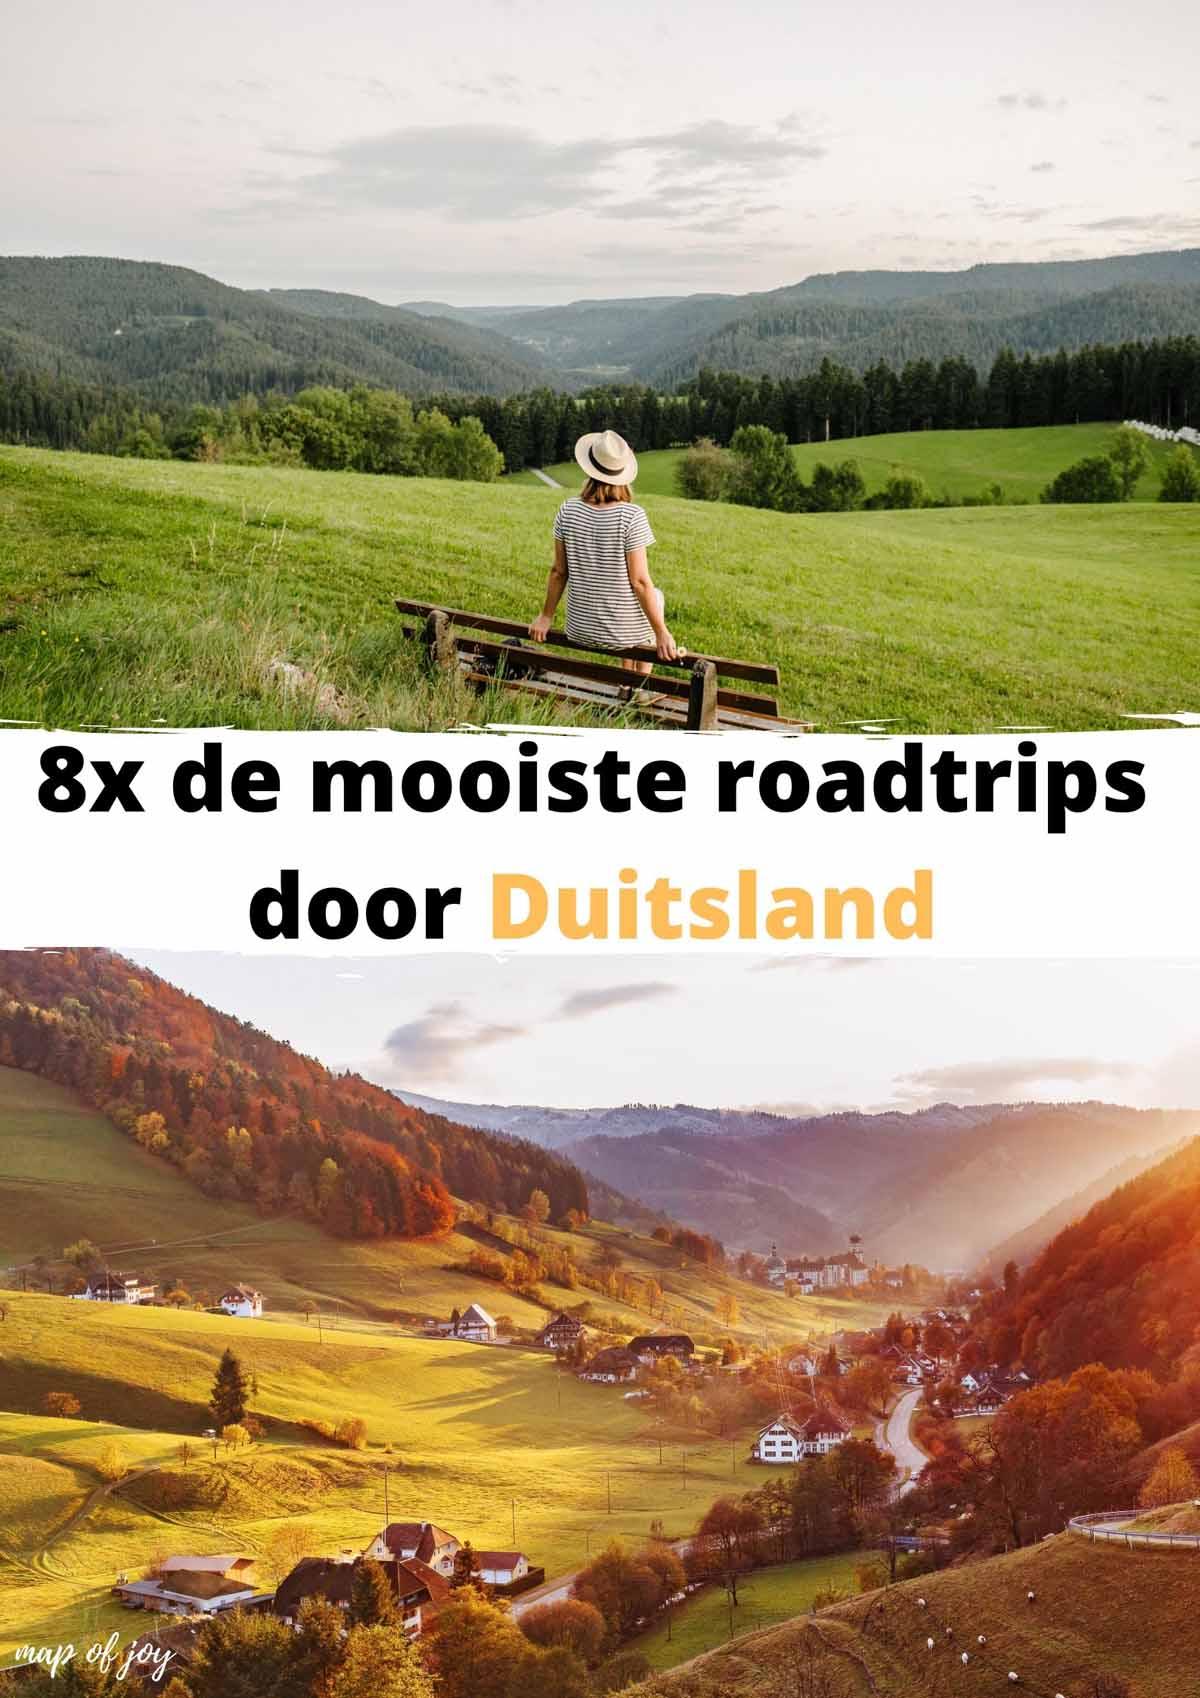 8x de mooiste roadtrips door Duitsland